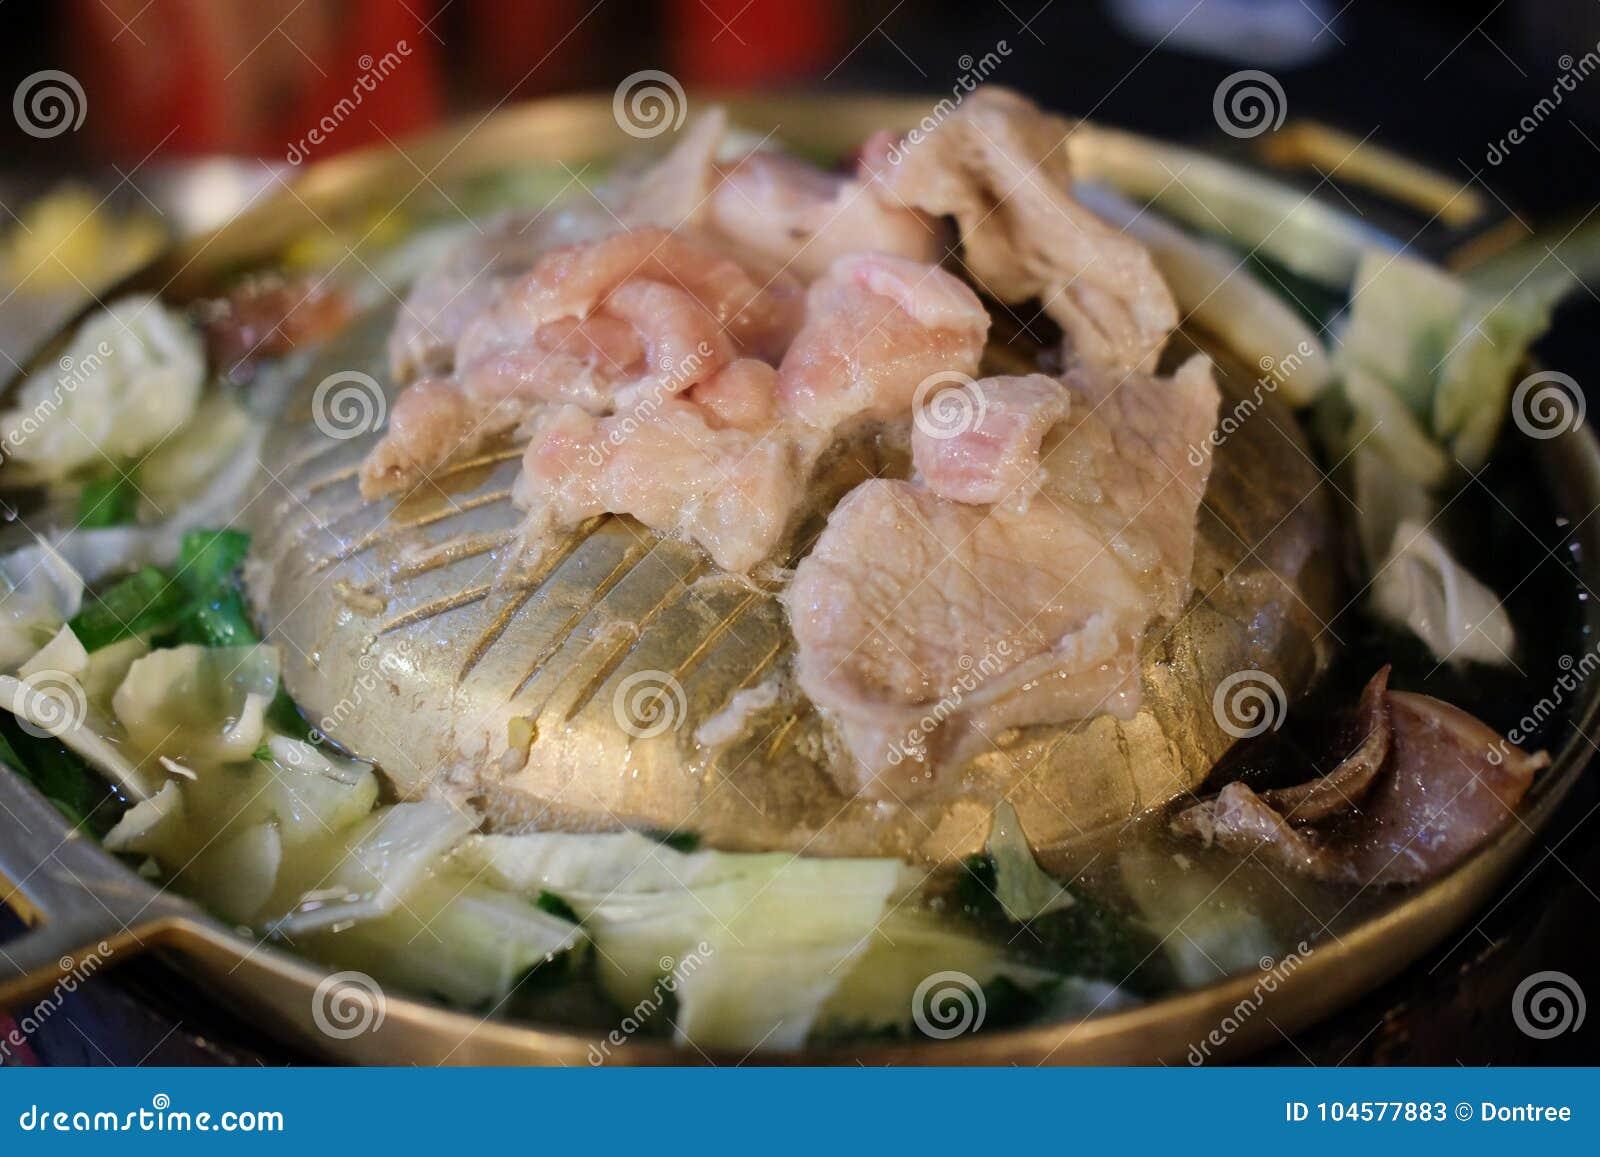 Die Wanne für thailändischen Art BBQ